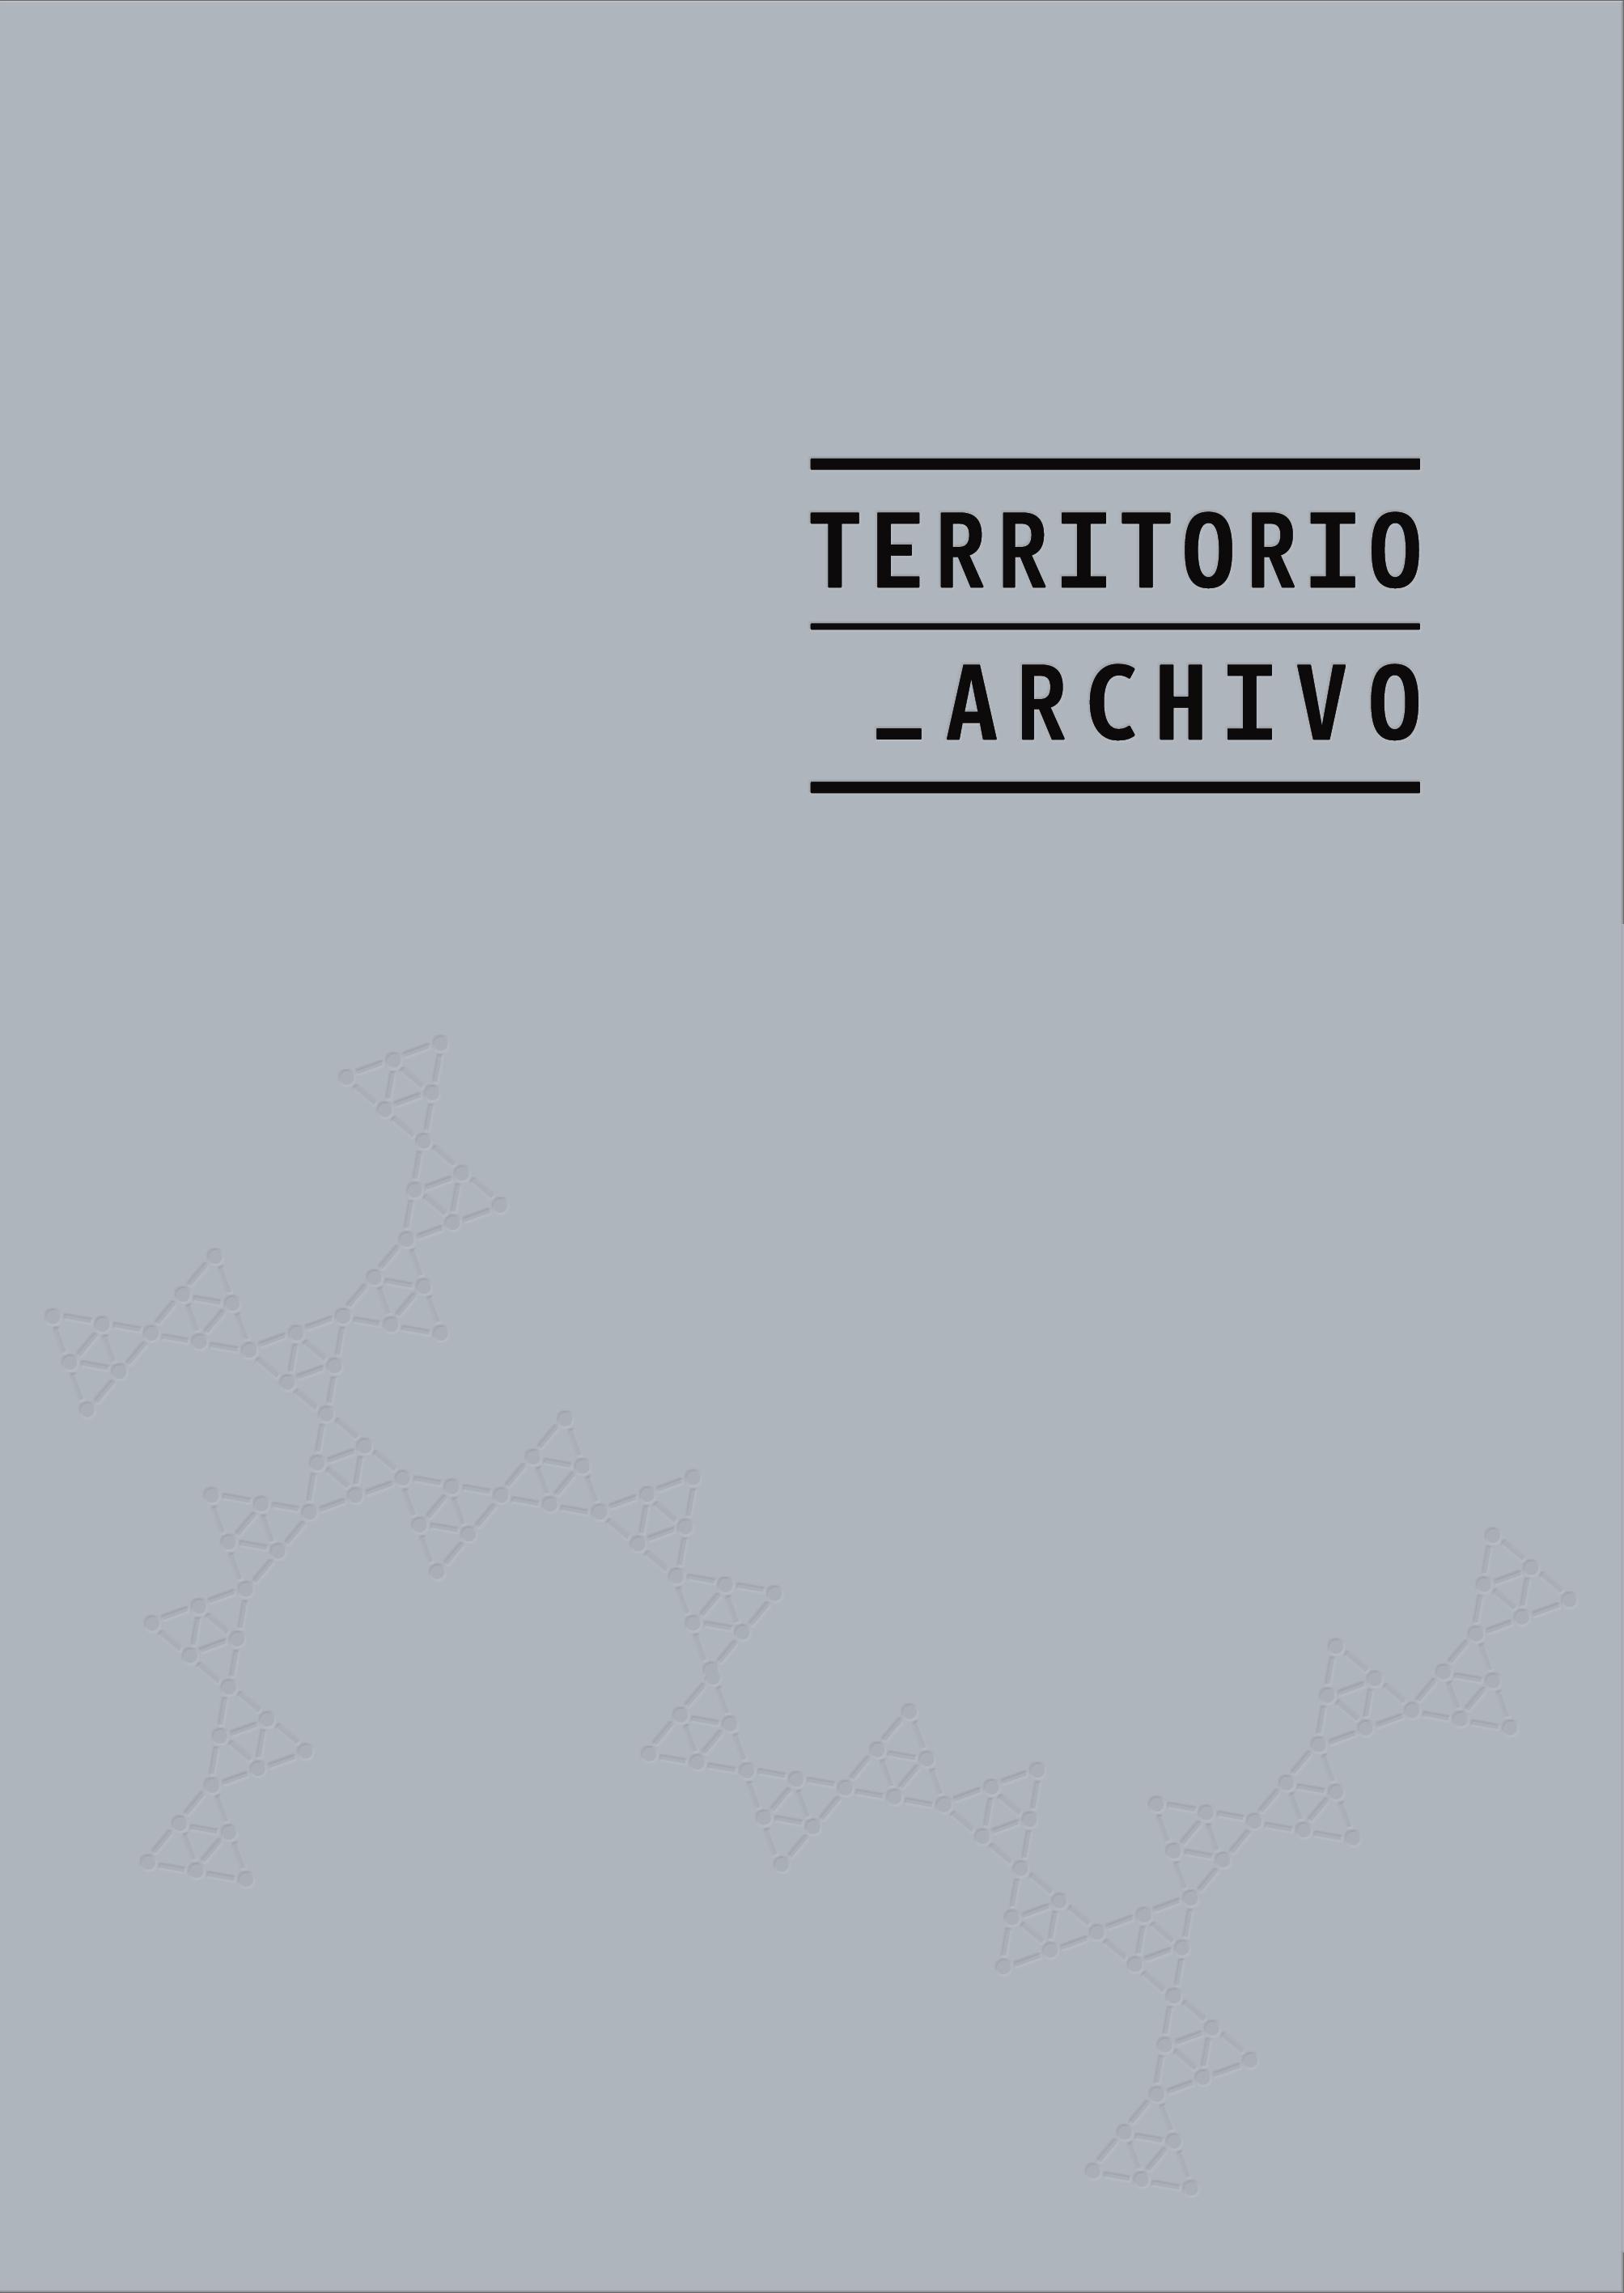 Publicaciones Fundacion Cerezales Territorio Archivo